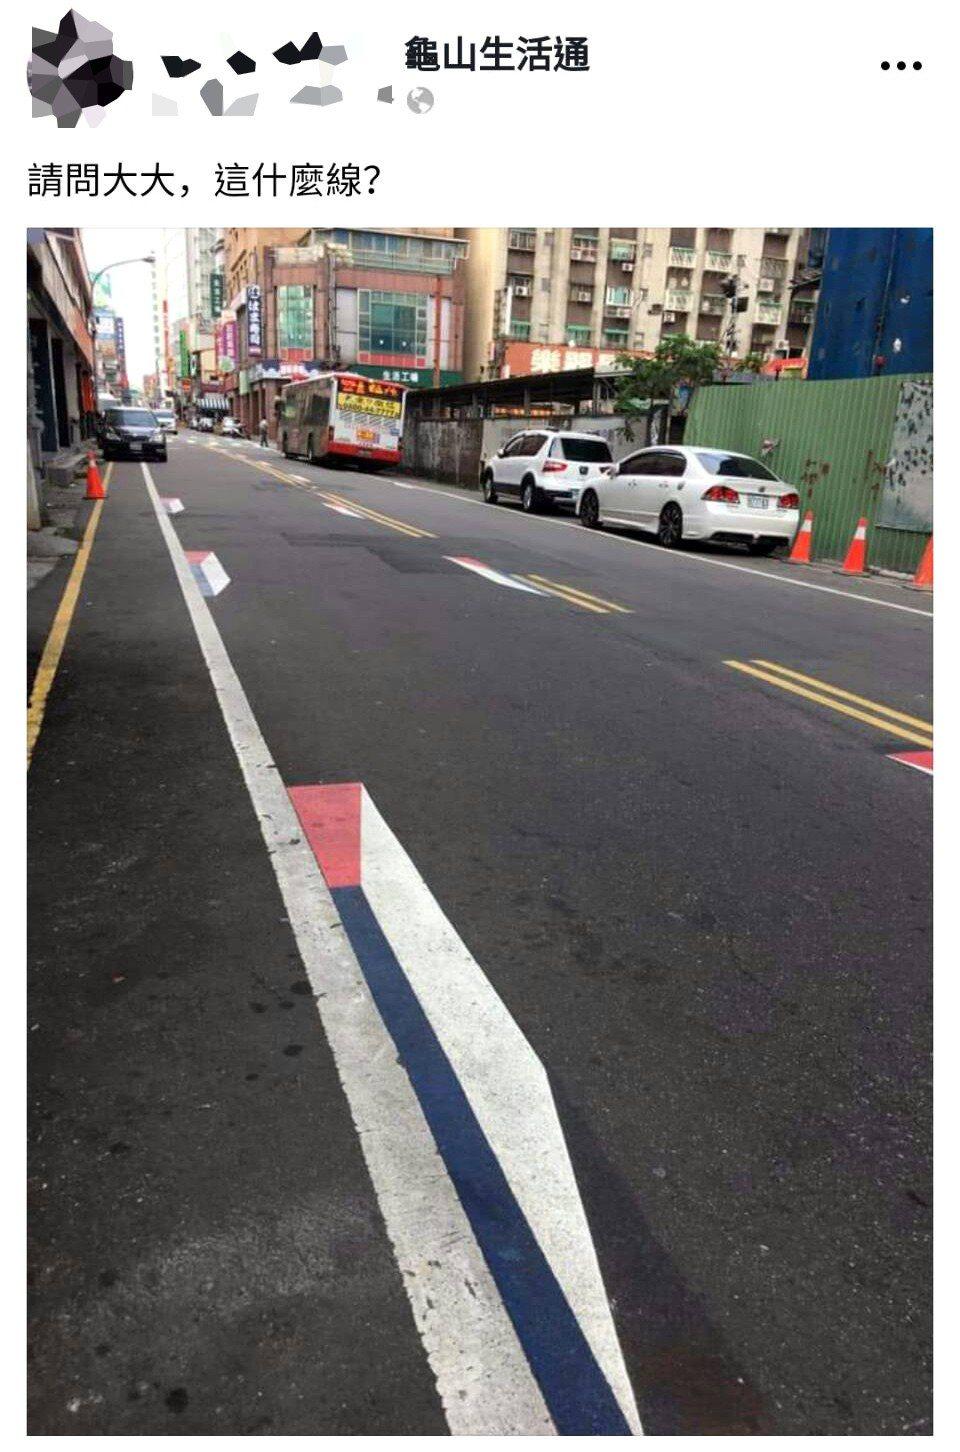 桃園市區巷道出現「立體白紅藍」的標線,市民在臉書社群PO圖詢問「這是什麼線」?引...